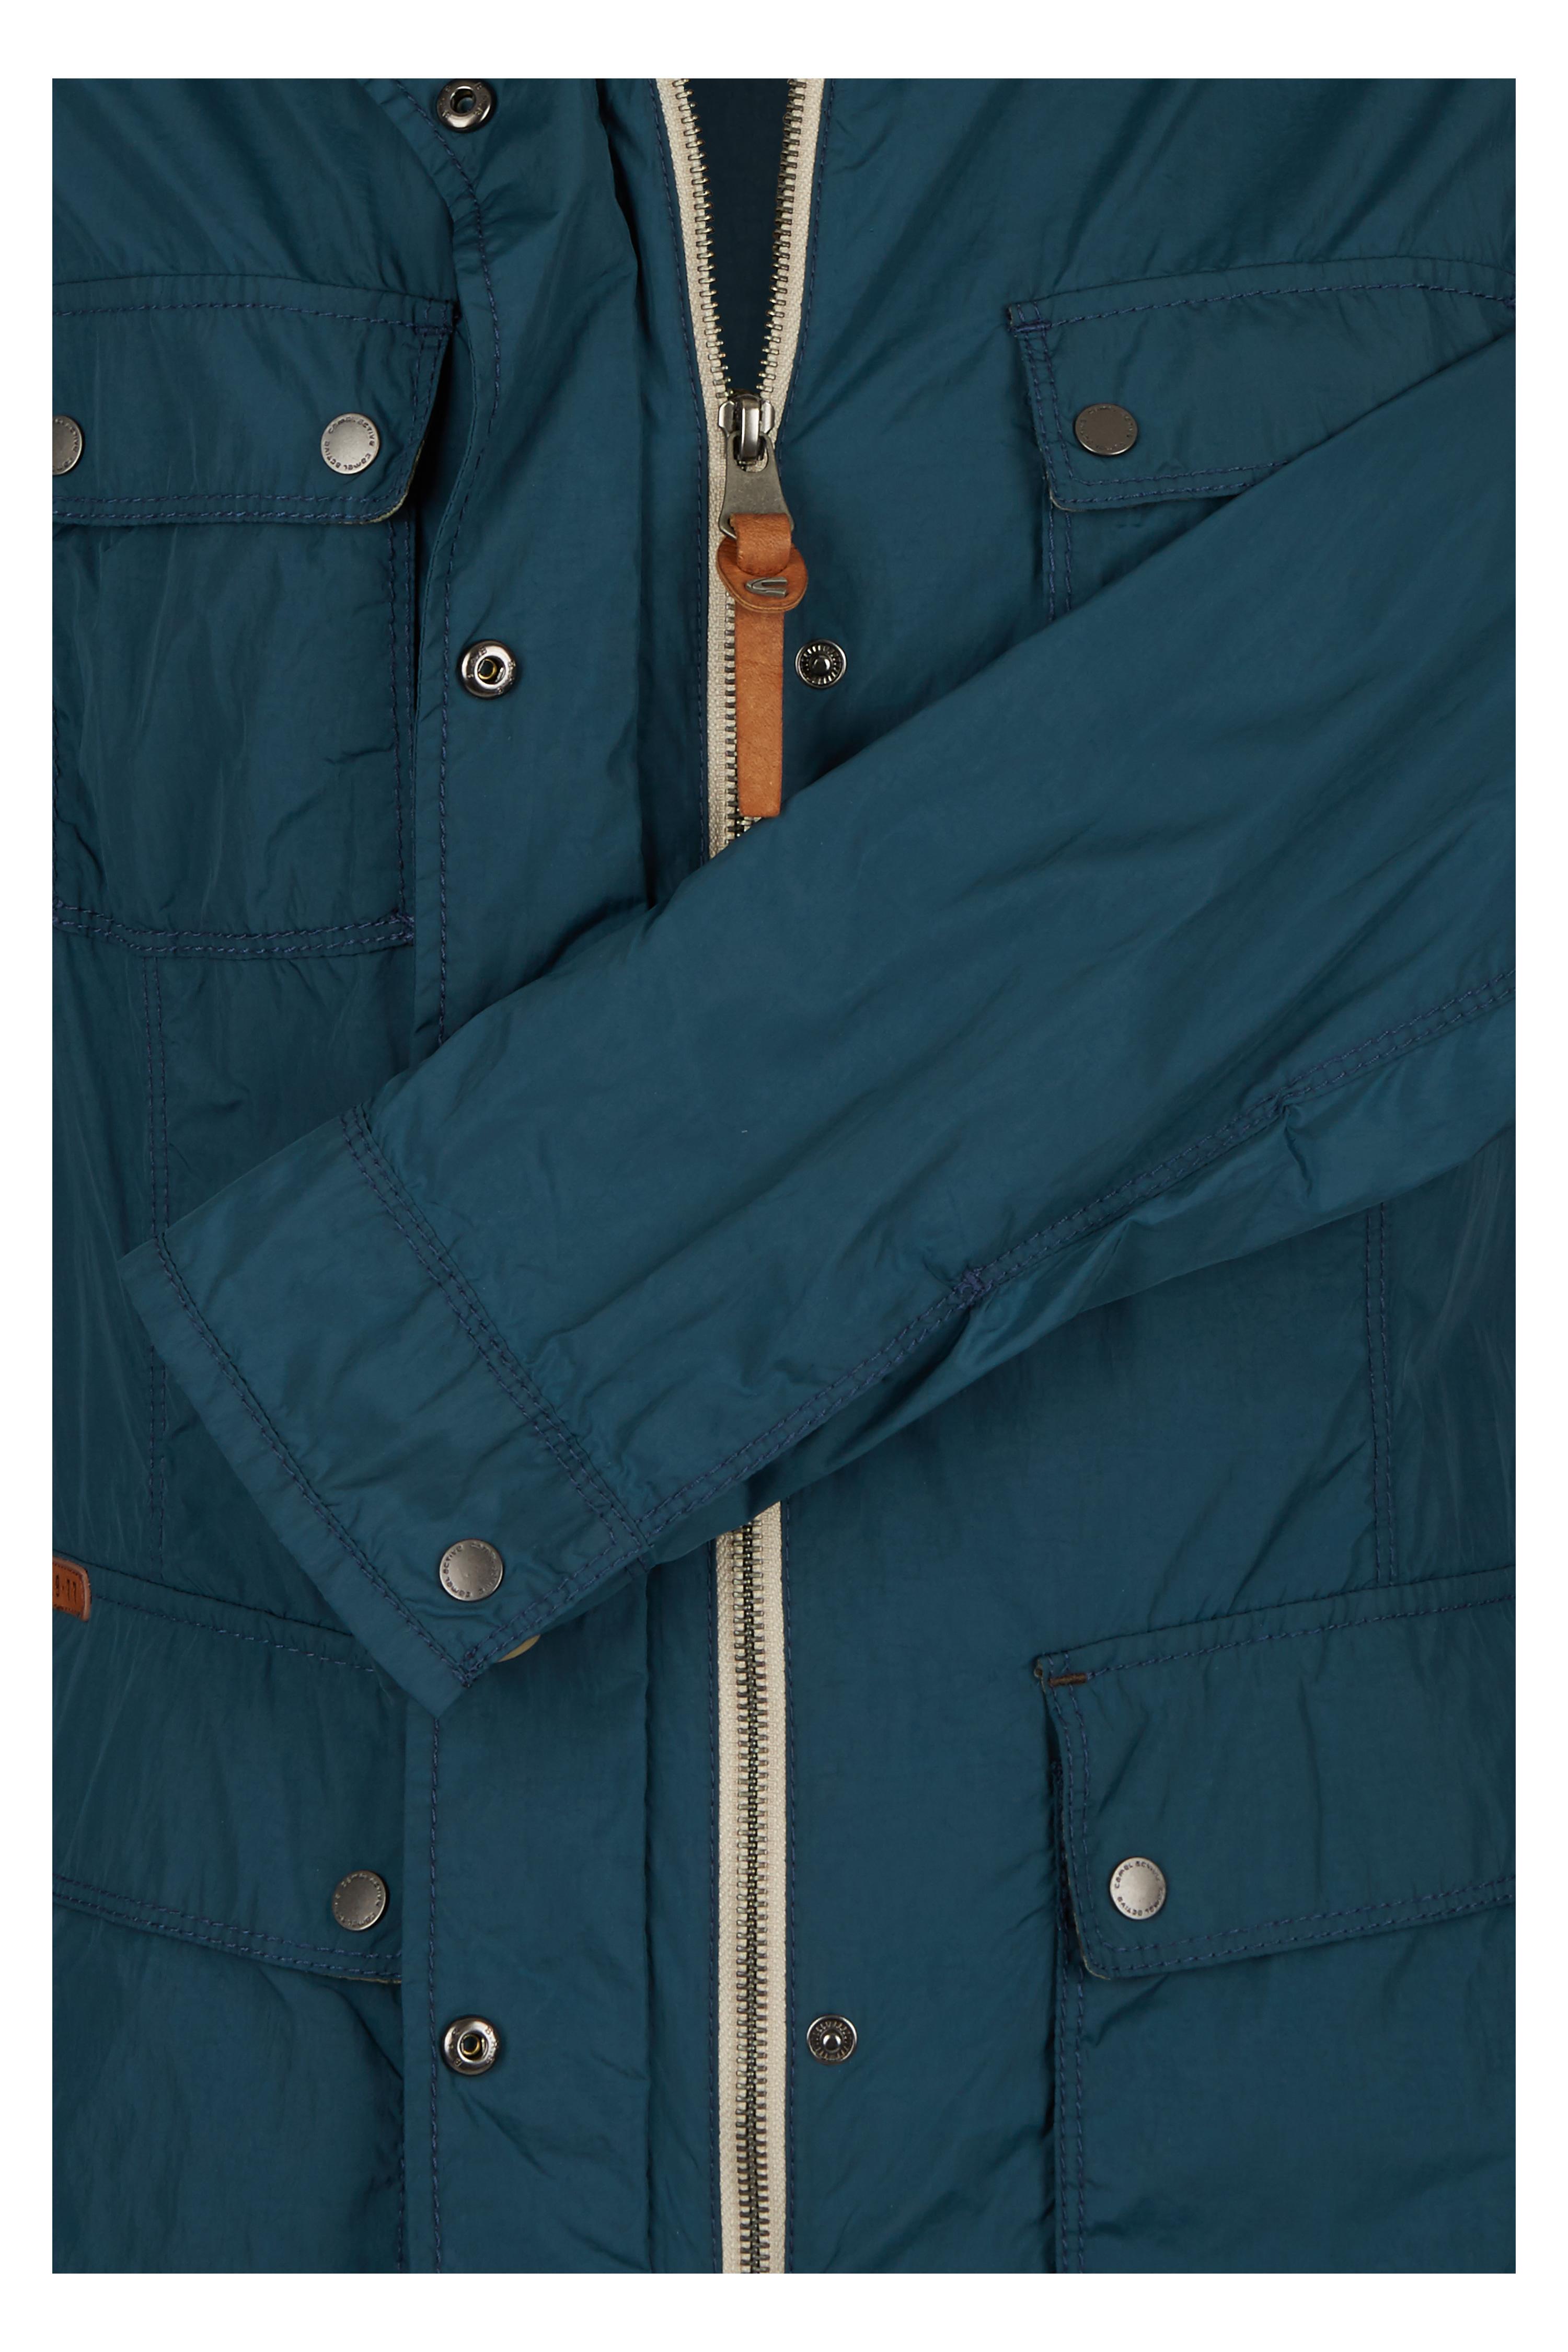 camel active damen jacke in garment washed optik neu blau ebay. Black Bedroom Furniture Sets. Home Design Ideas